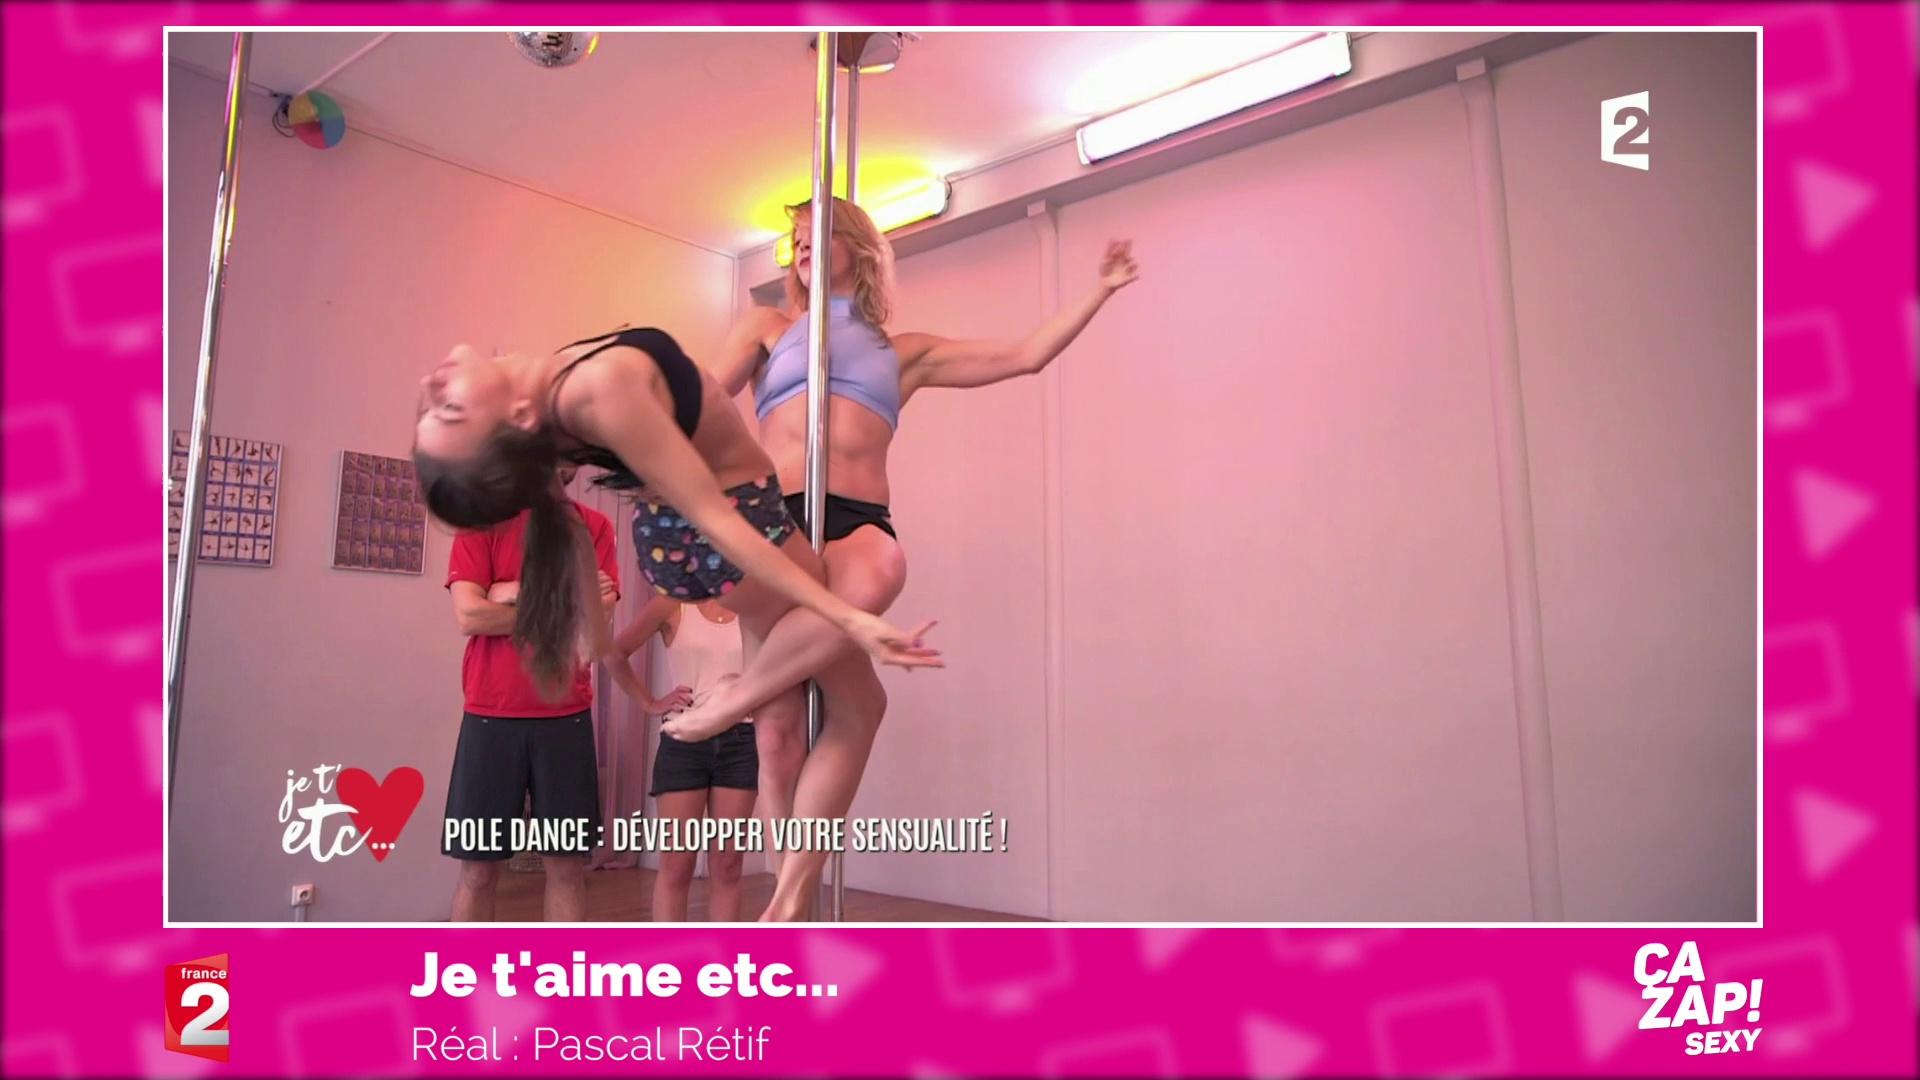 Leçon de pôle dance osée !